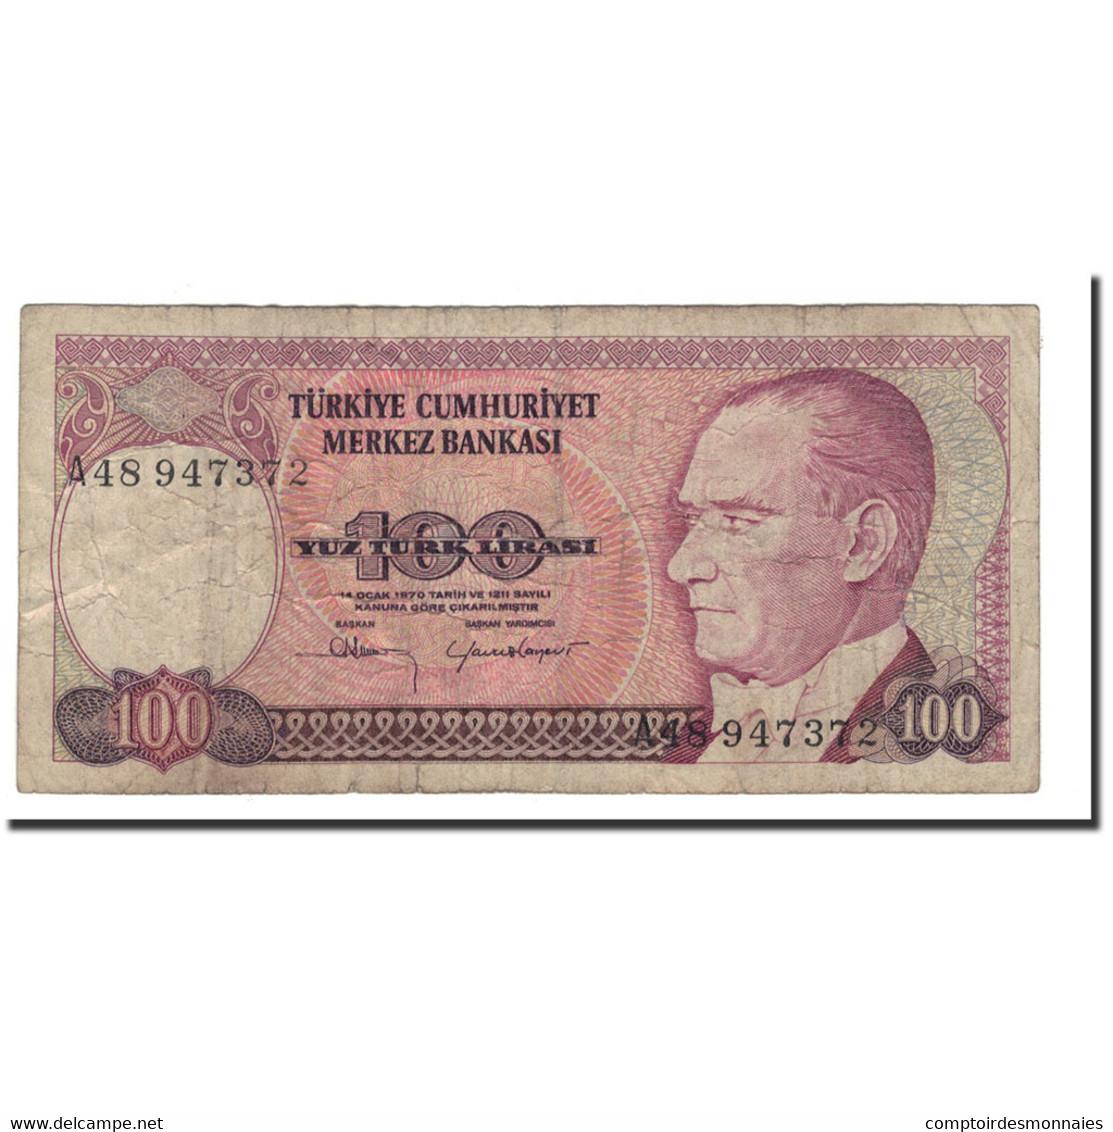 Turquie, 100 Lira, 1984, 1970-01-14, KM:194a, B - Turquie